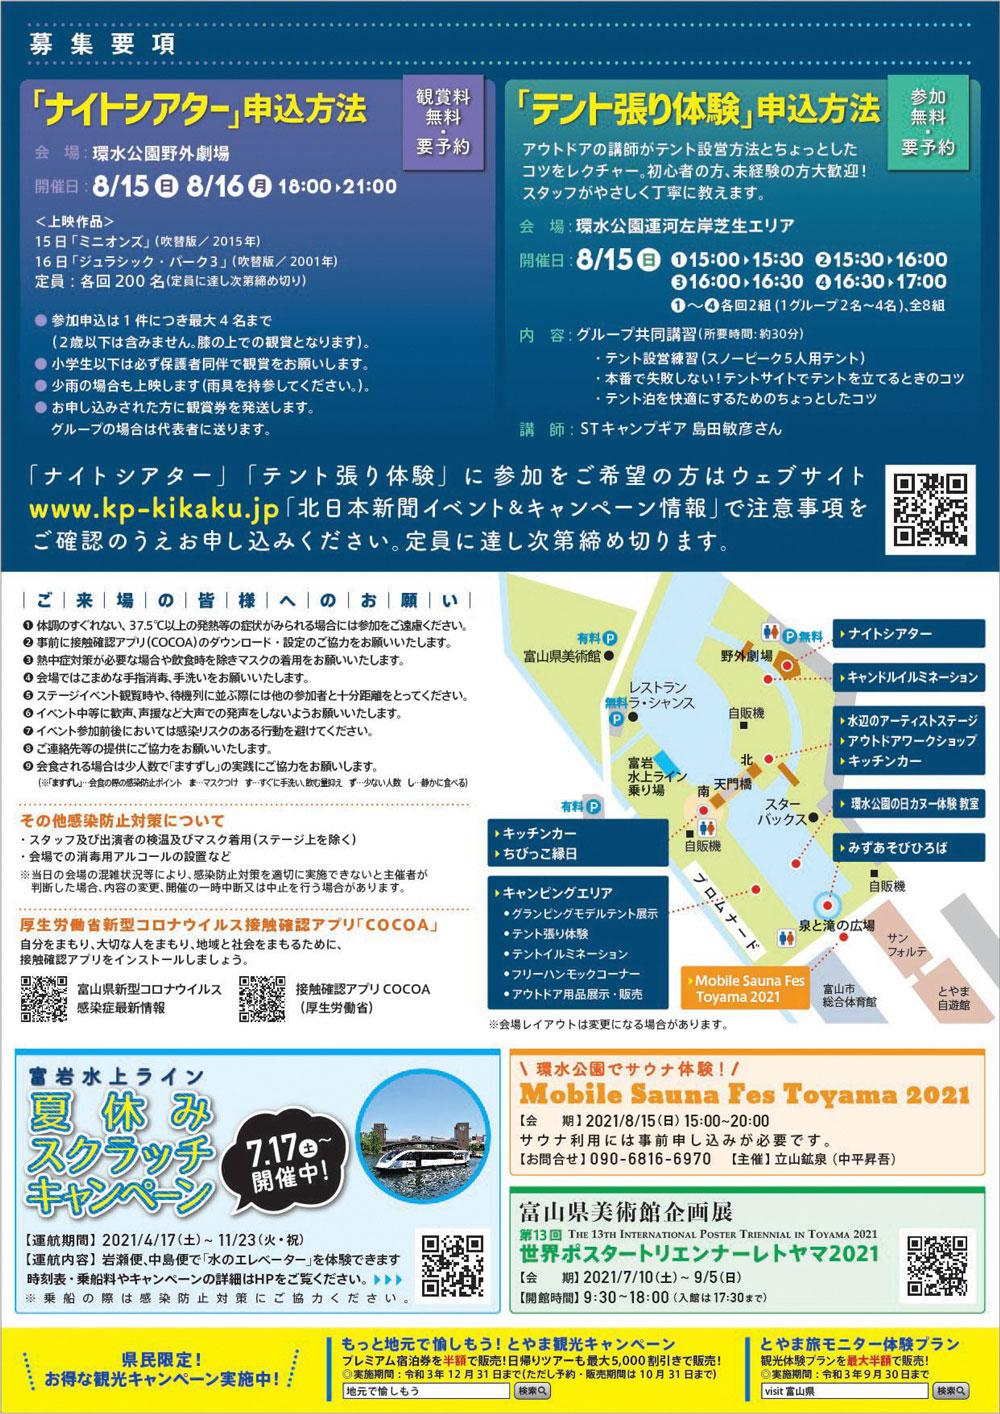 富山市の富岩運河環水公園で開催される「環水公園夏まつり2021」の会場マップ